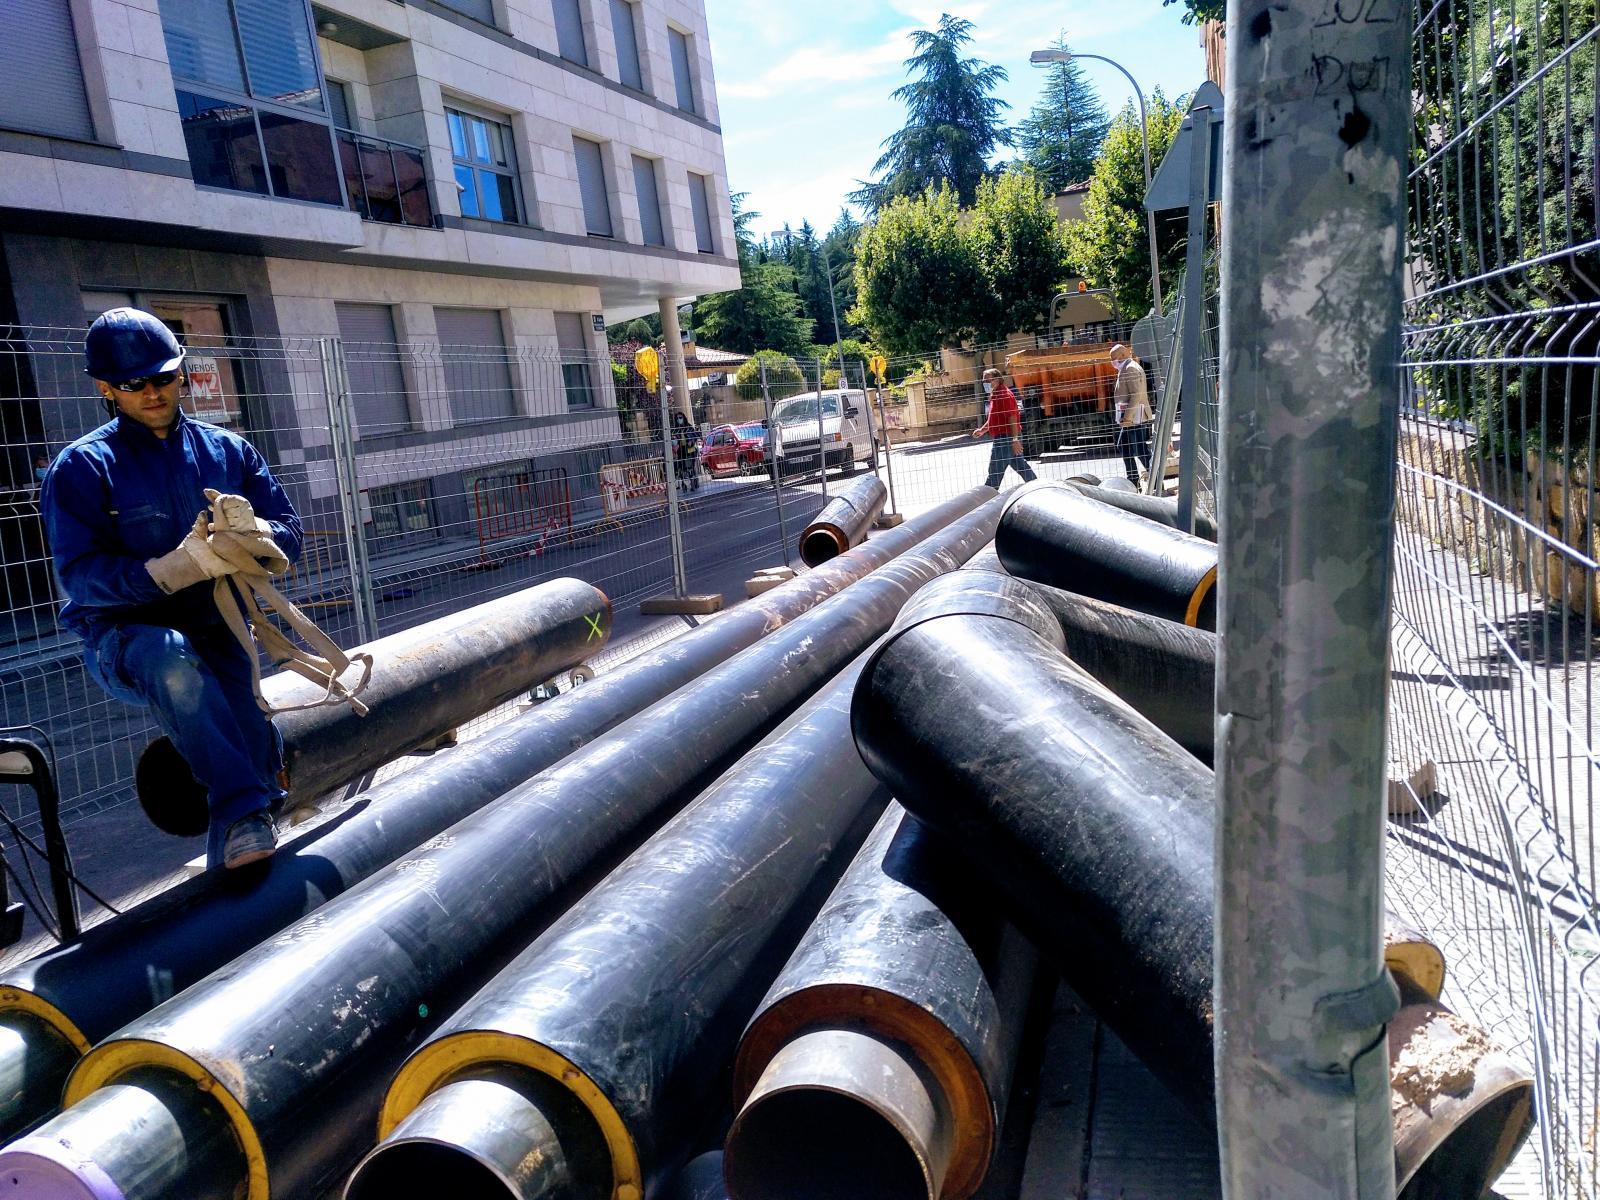 La Red de Calor con Biomasa de Soria inicia su cuarta fase de expansión